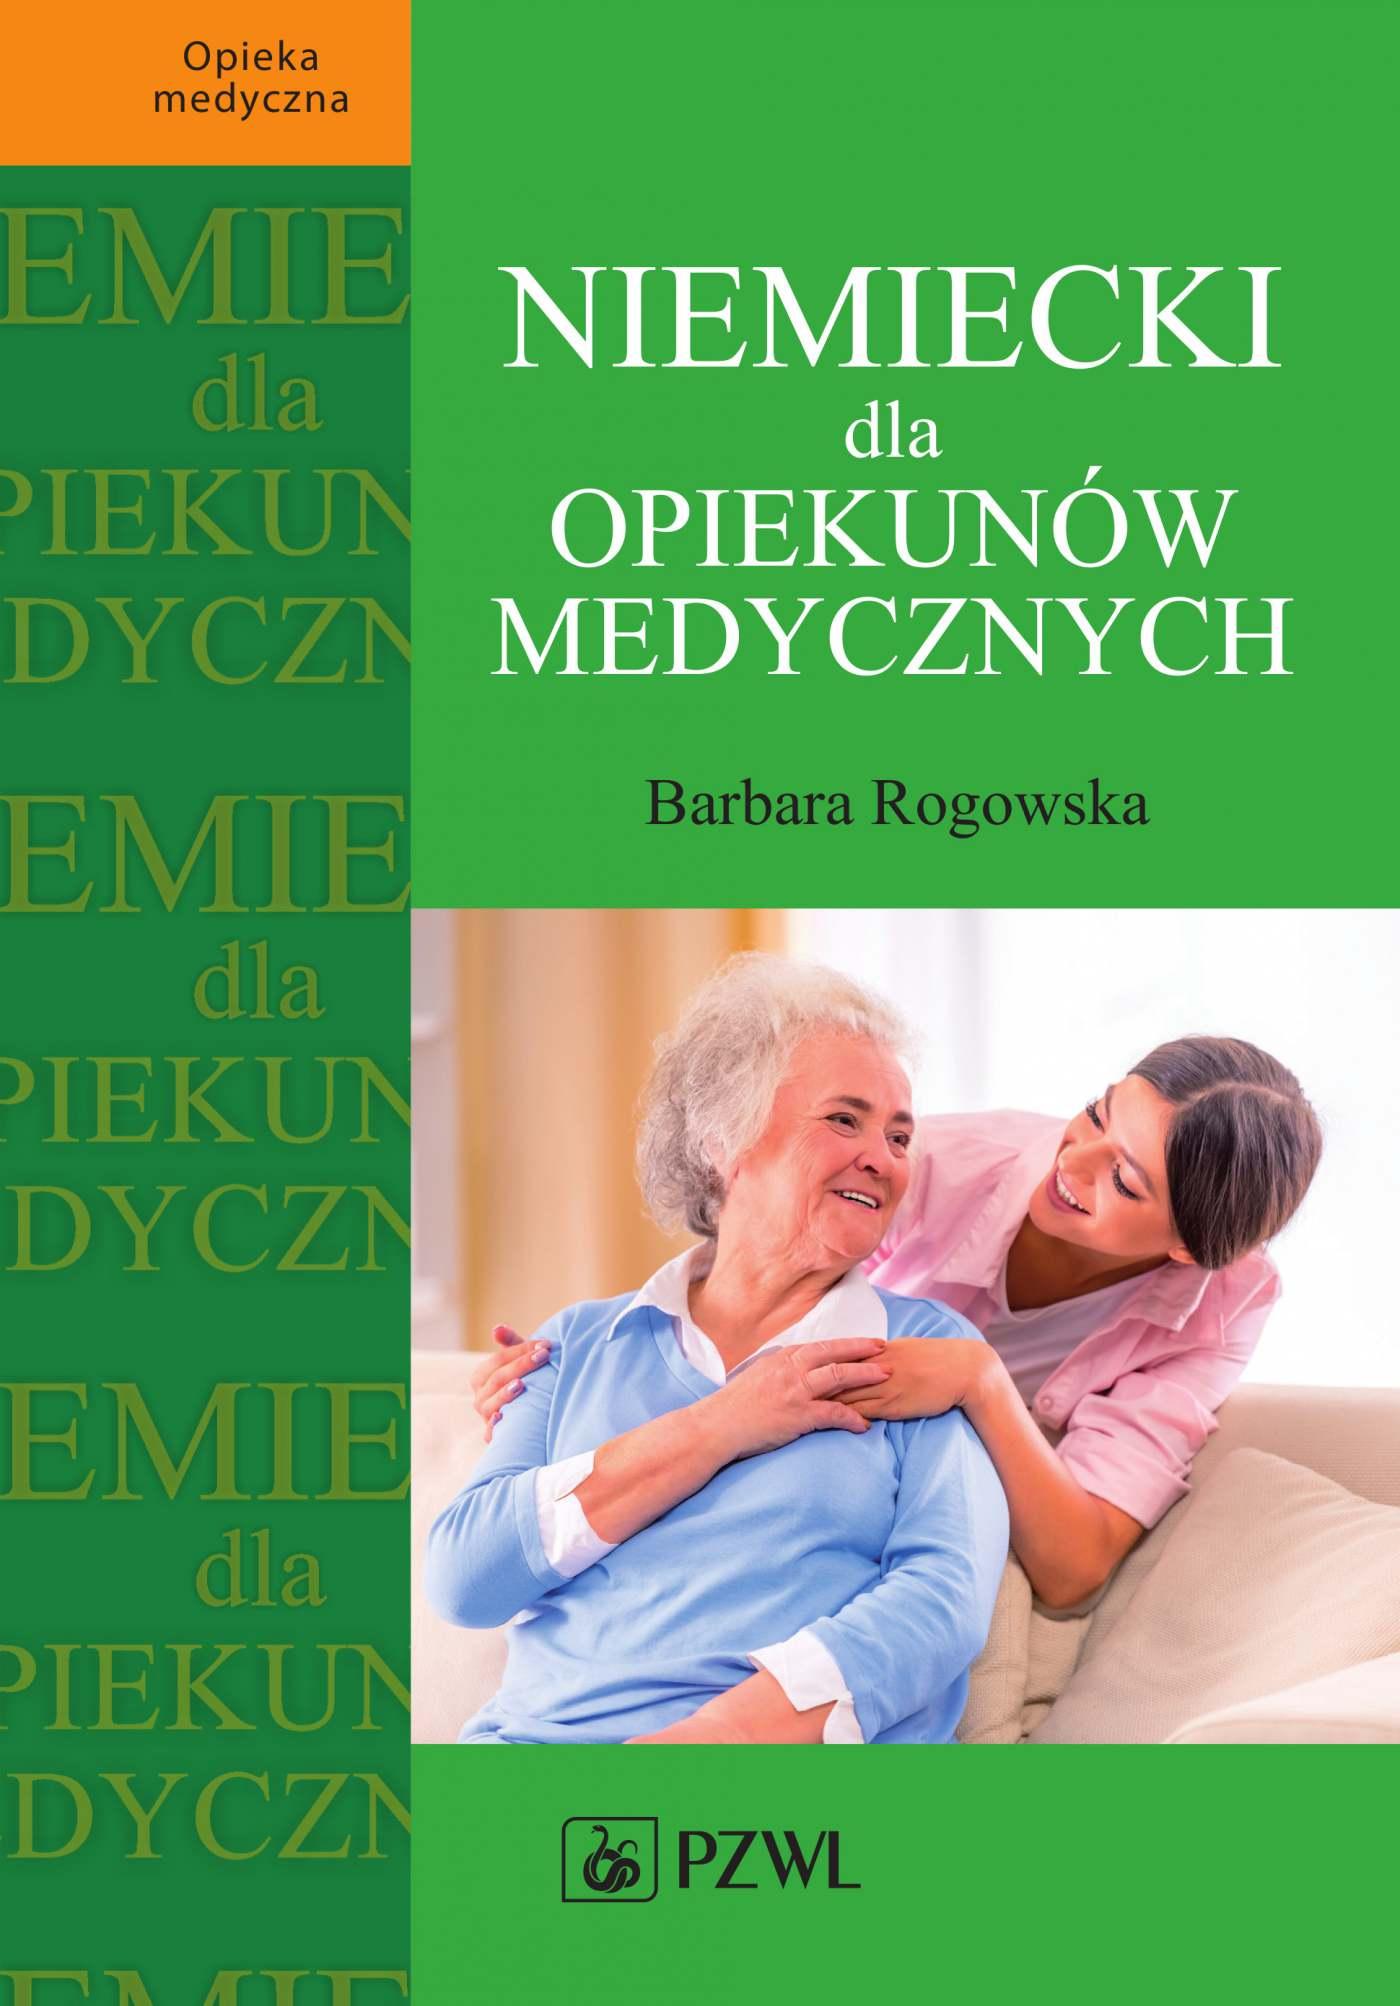 Niemiecki dla opiekunów medycznych - Ebook (Książka na Kindle) do pobrania w formacie MOBI